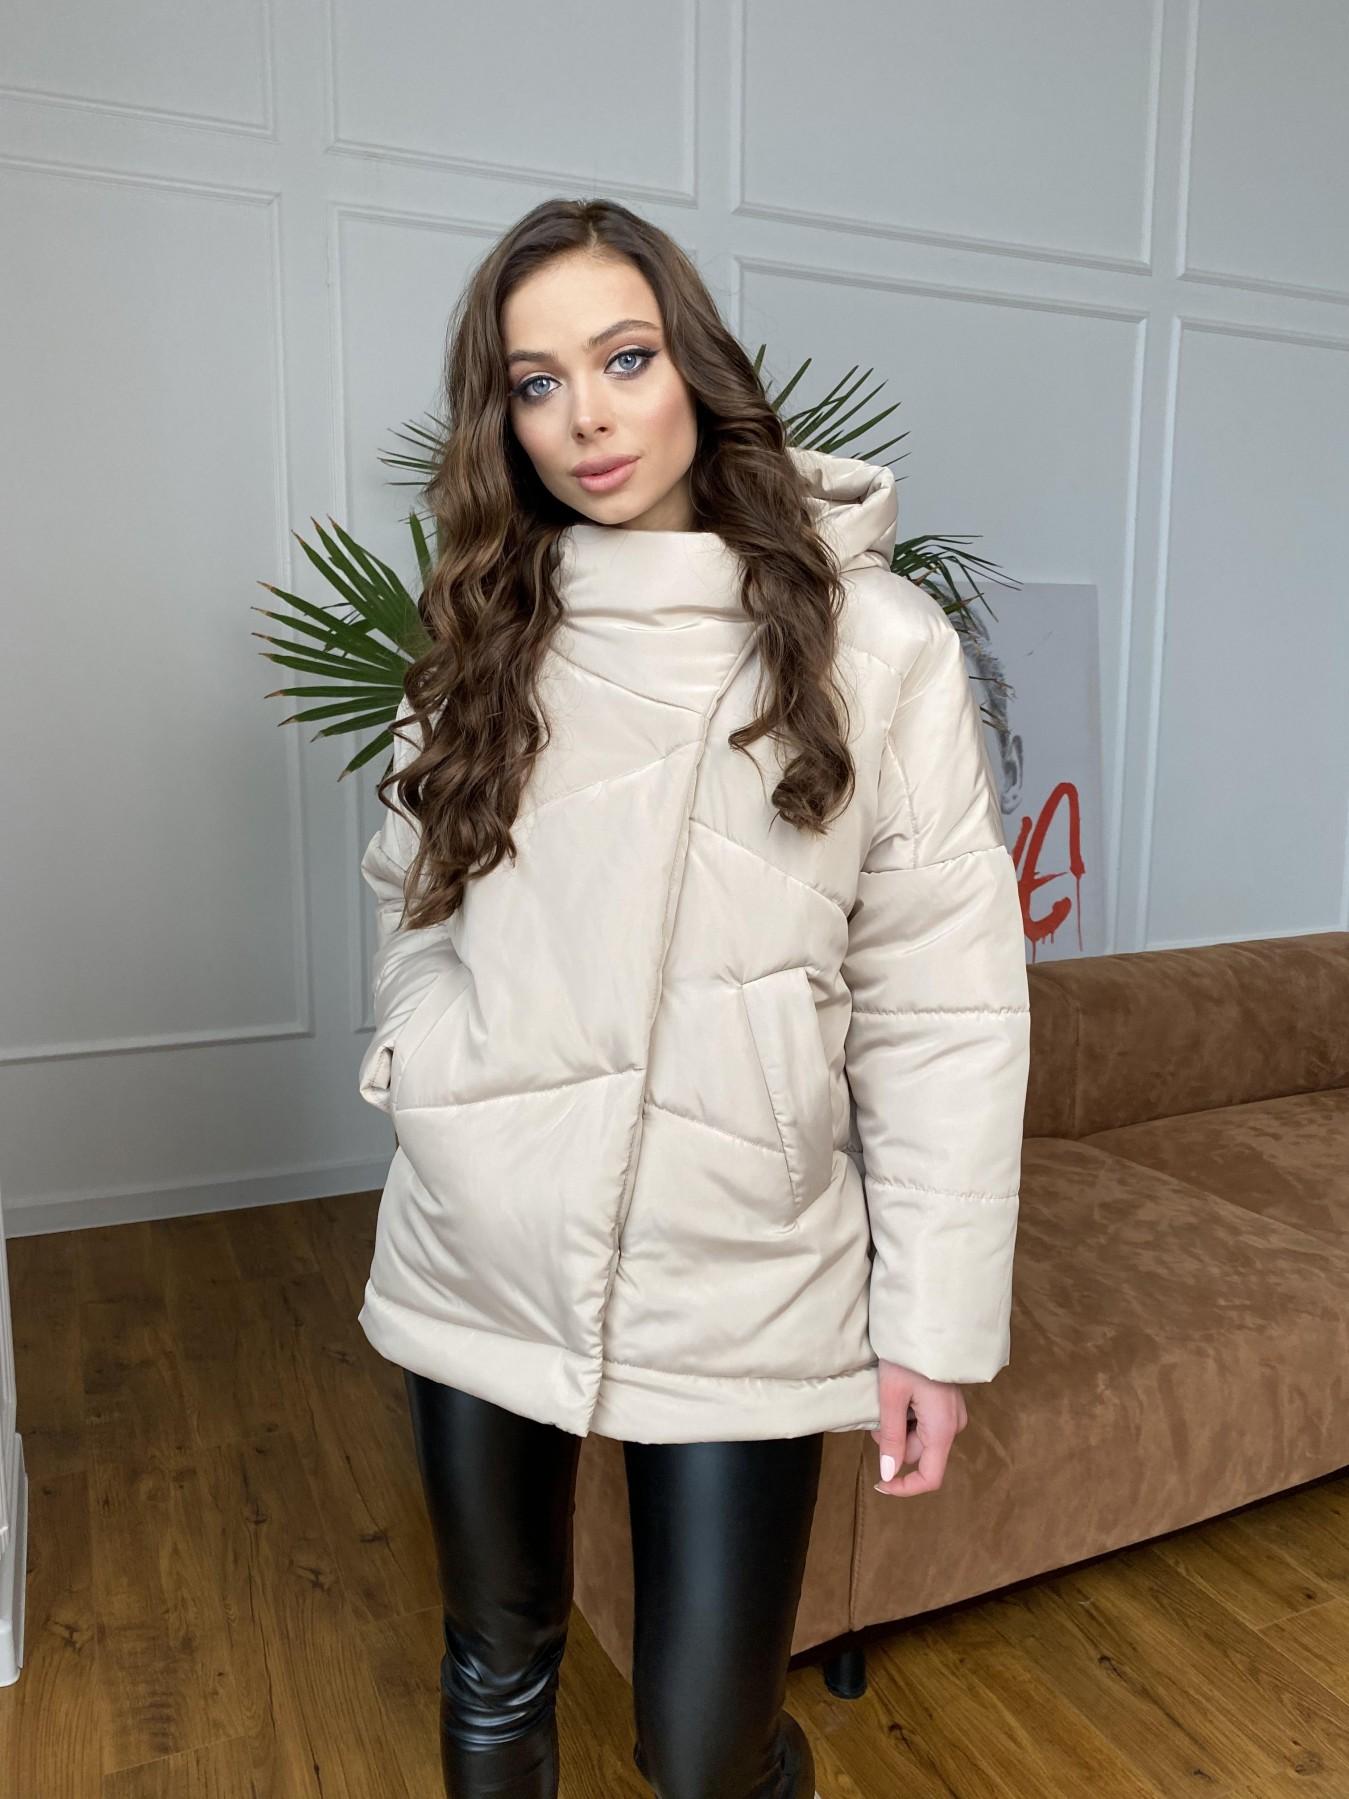 Уно куртка плащевка Ammy 10671 АРТ. 47476 Цвет: Бежевый - фото 4, интернет магазин tm-modus.ru